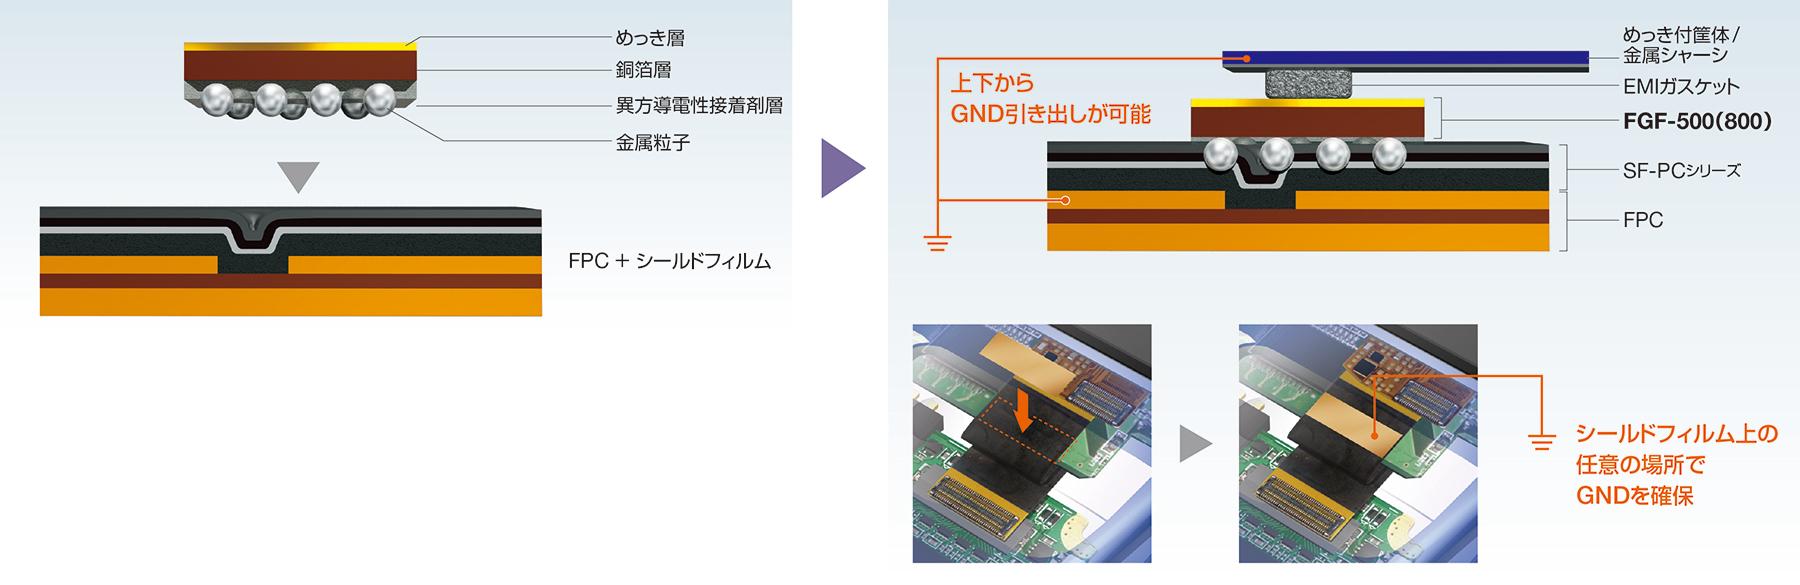 シールドフィルム上の任意の場所でG N D 確保が可能